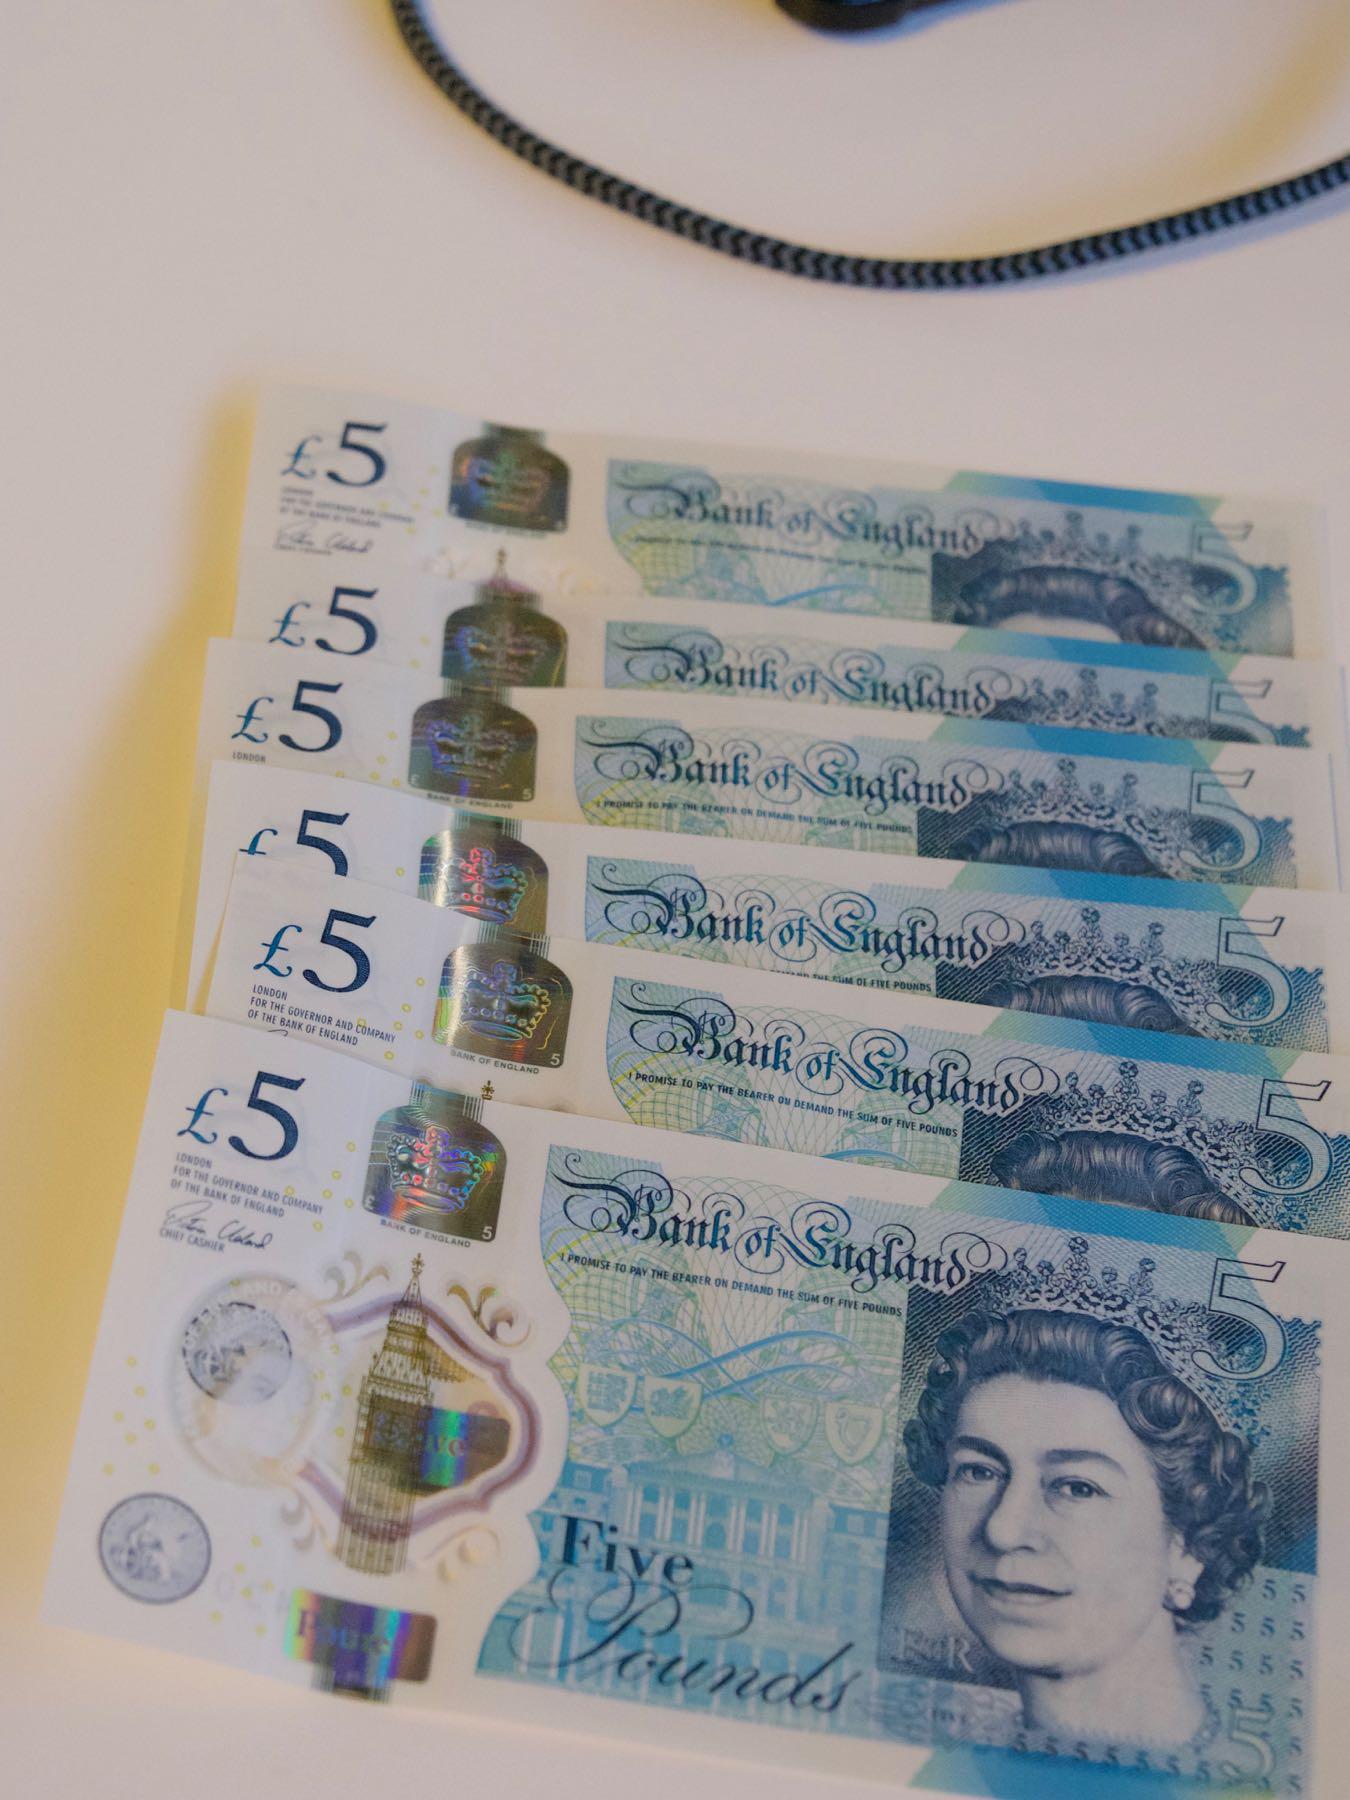 5ポンド札6枚